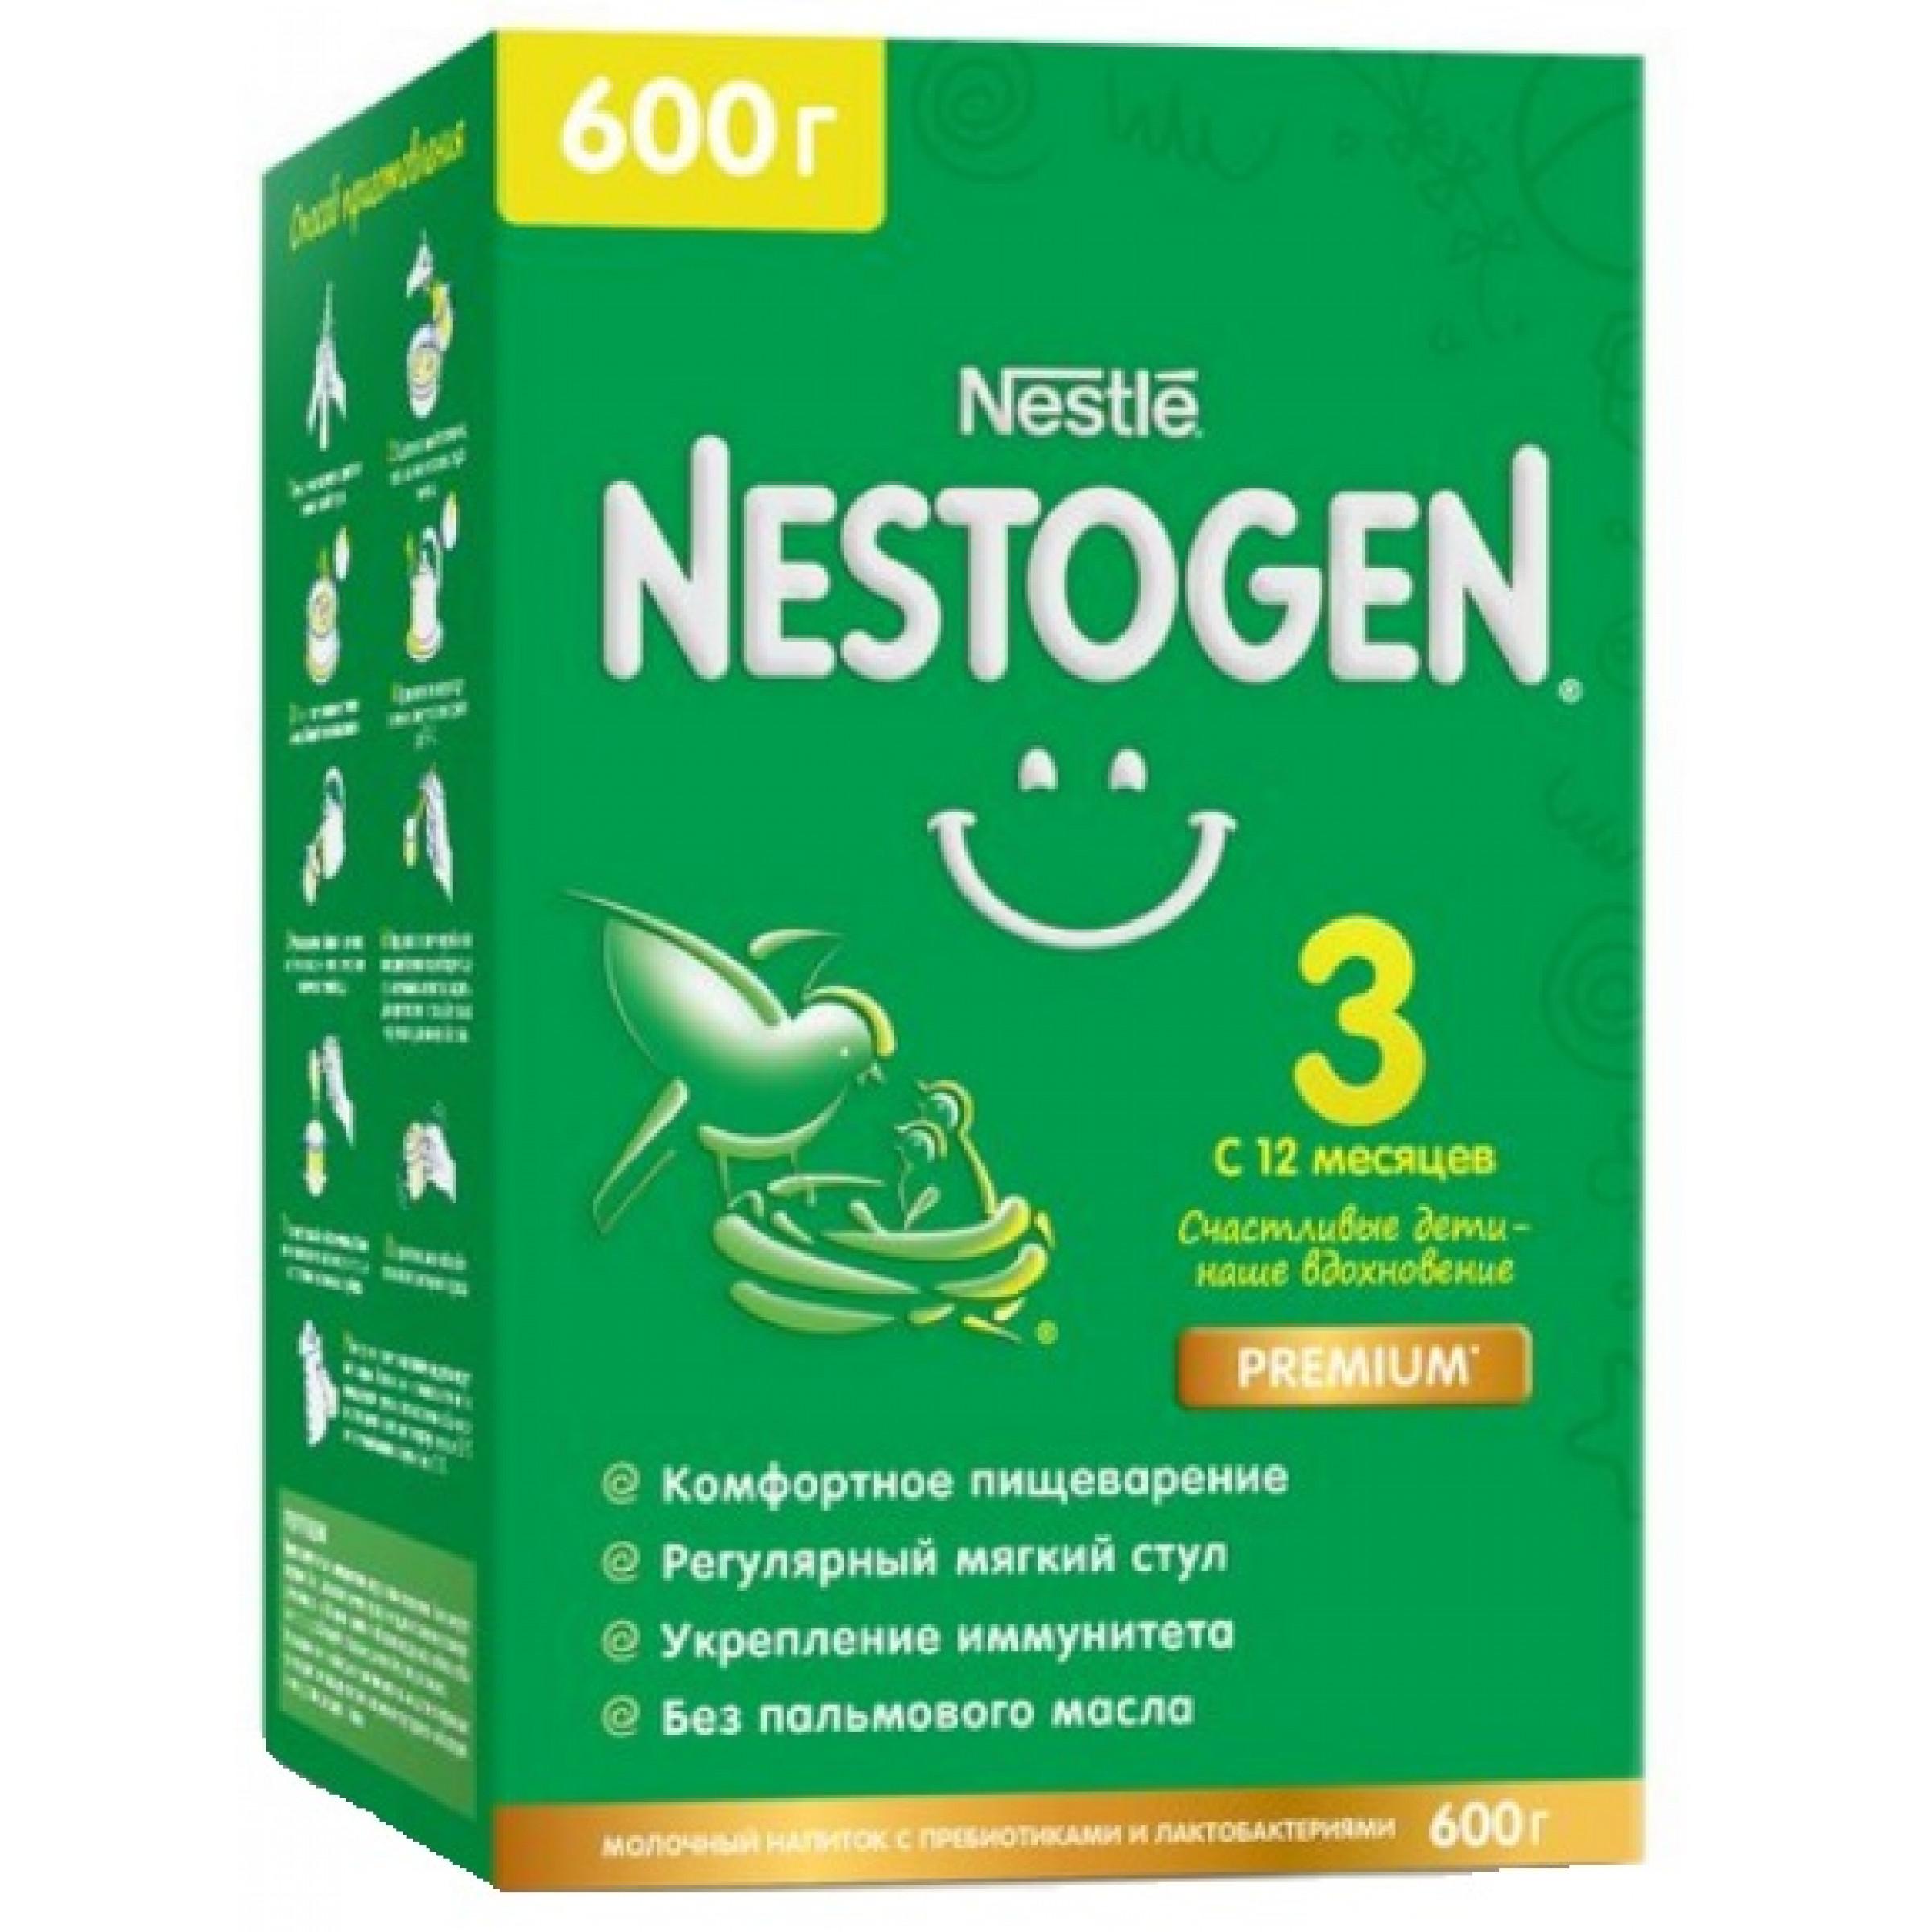 Смесь молочная с 12 месяцев Nestogen-3, 600 гр